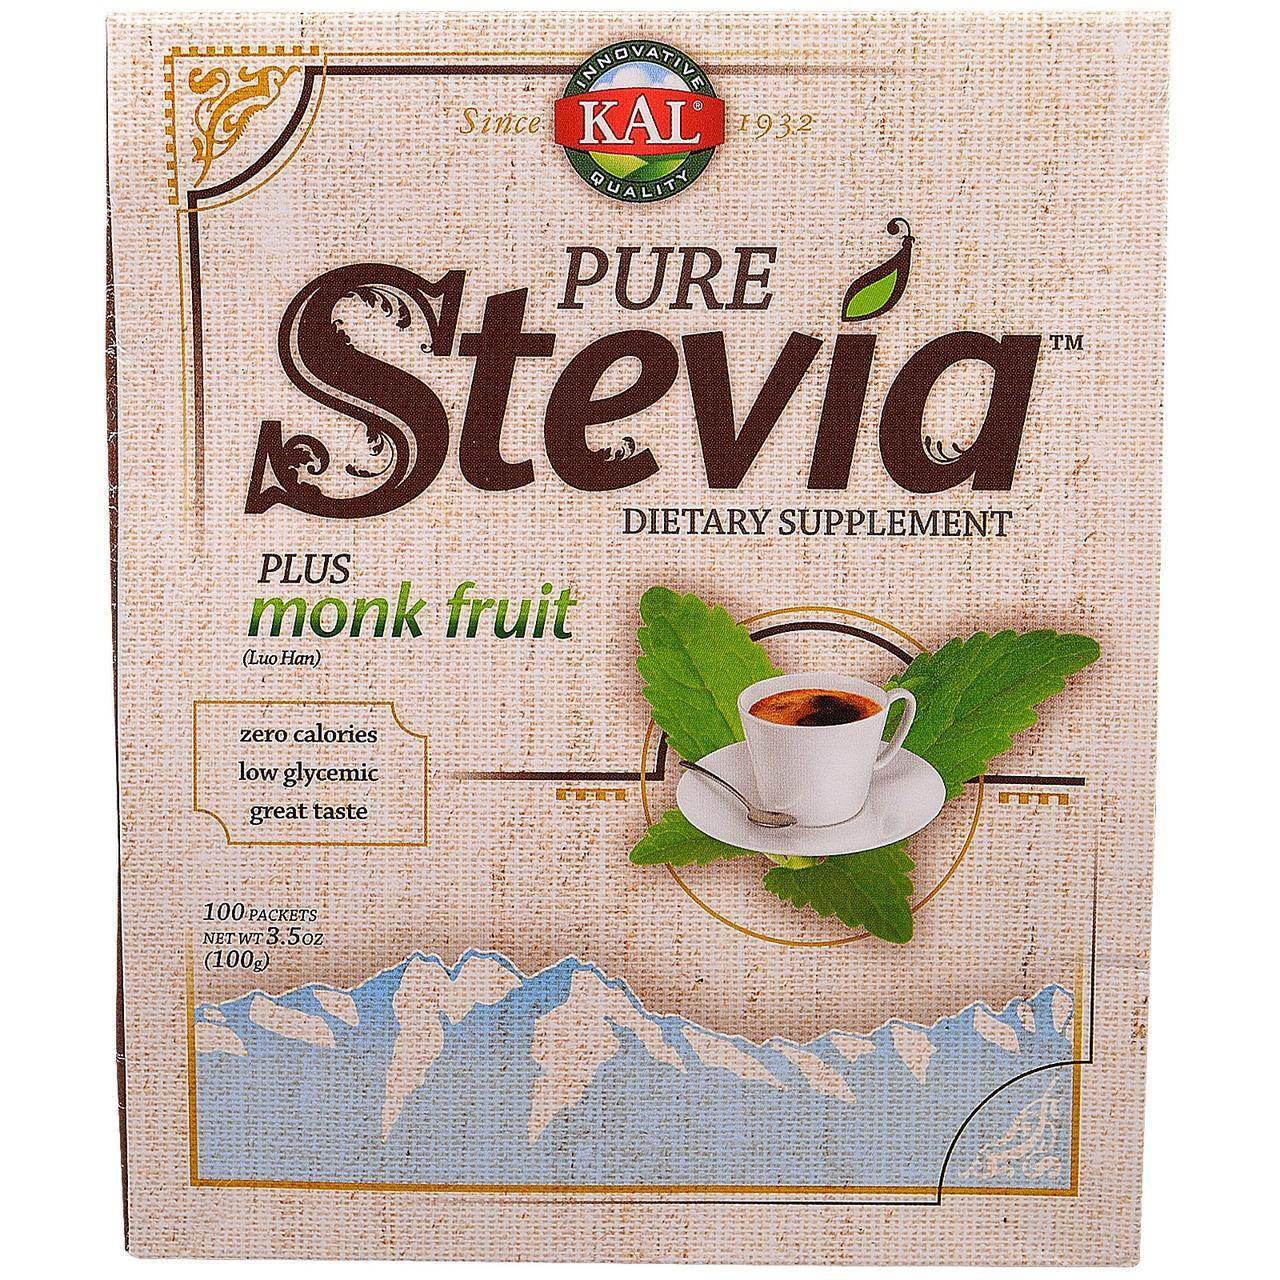 KAL, Чистая стевия, с экстрактом плодов ло хан гуо монк, 100 пакетов, 3,5 унции (100 г)